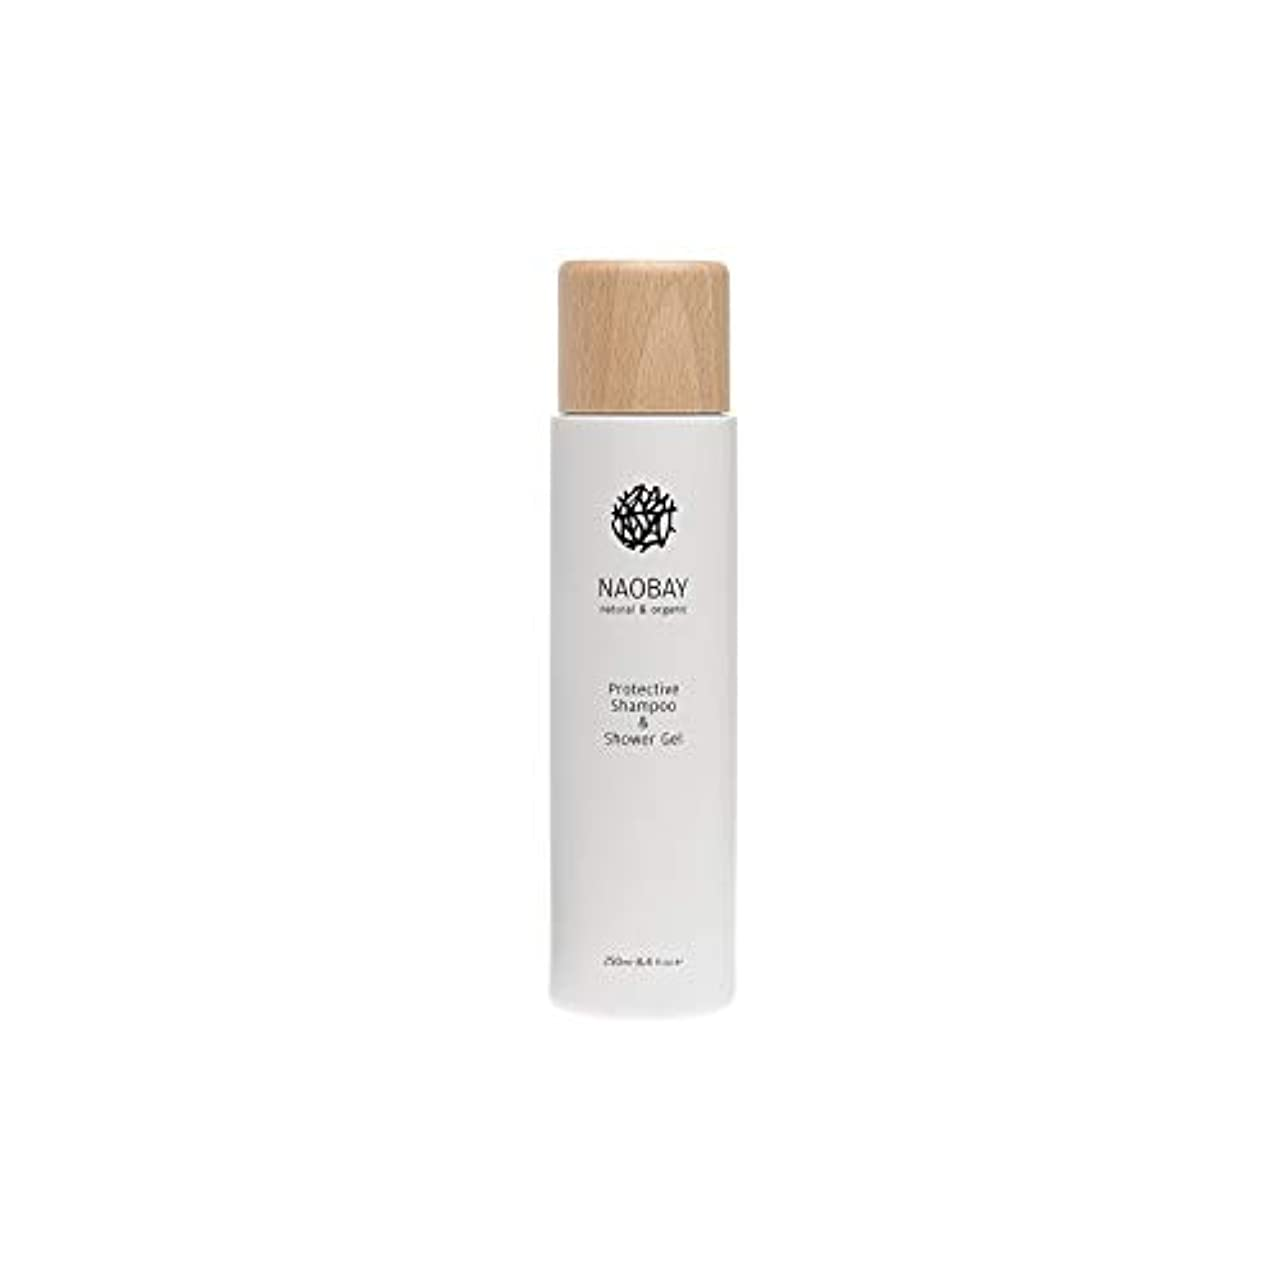 言い訳ジュラシックパークカバー[Naobay] Naobay保護シャンプー&シャワージェル250ミリリットル - NAOBAY Protective Shampoo & Shower Gel 250ml [並行輸入品]